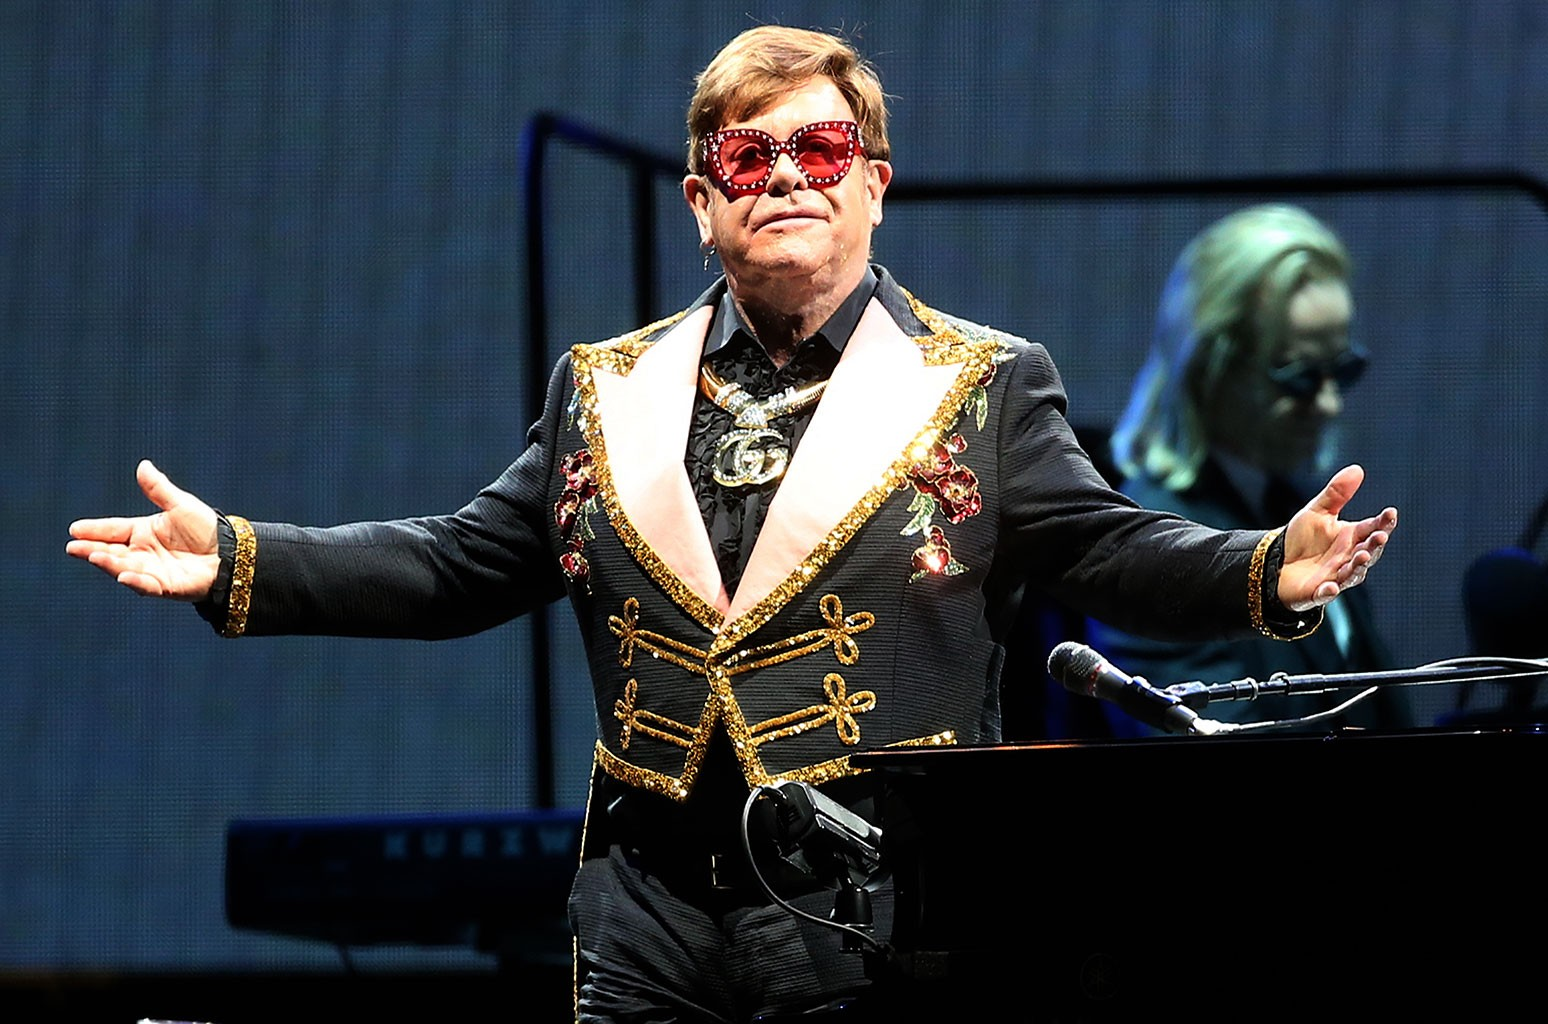 Elton John, Farewell Yellow Brick Road Tour, Perth